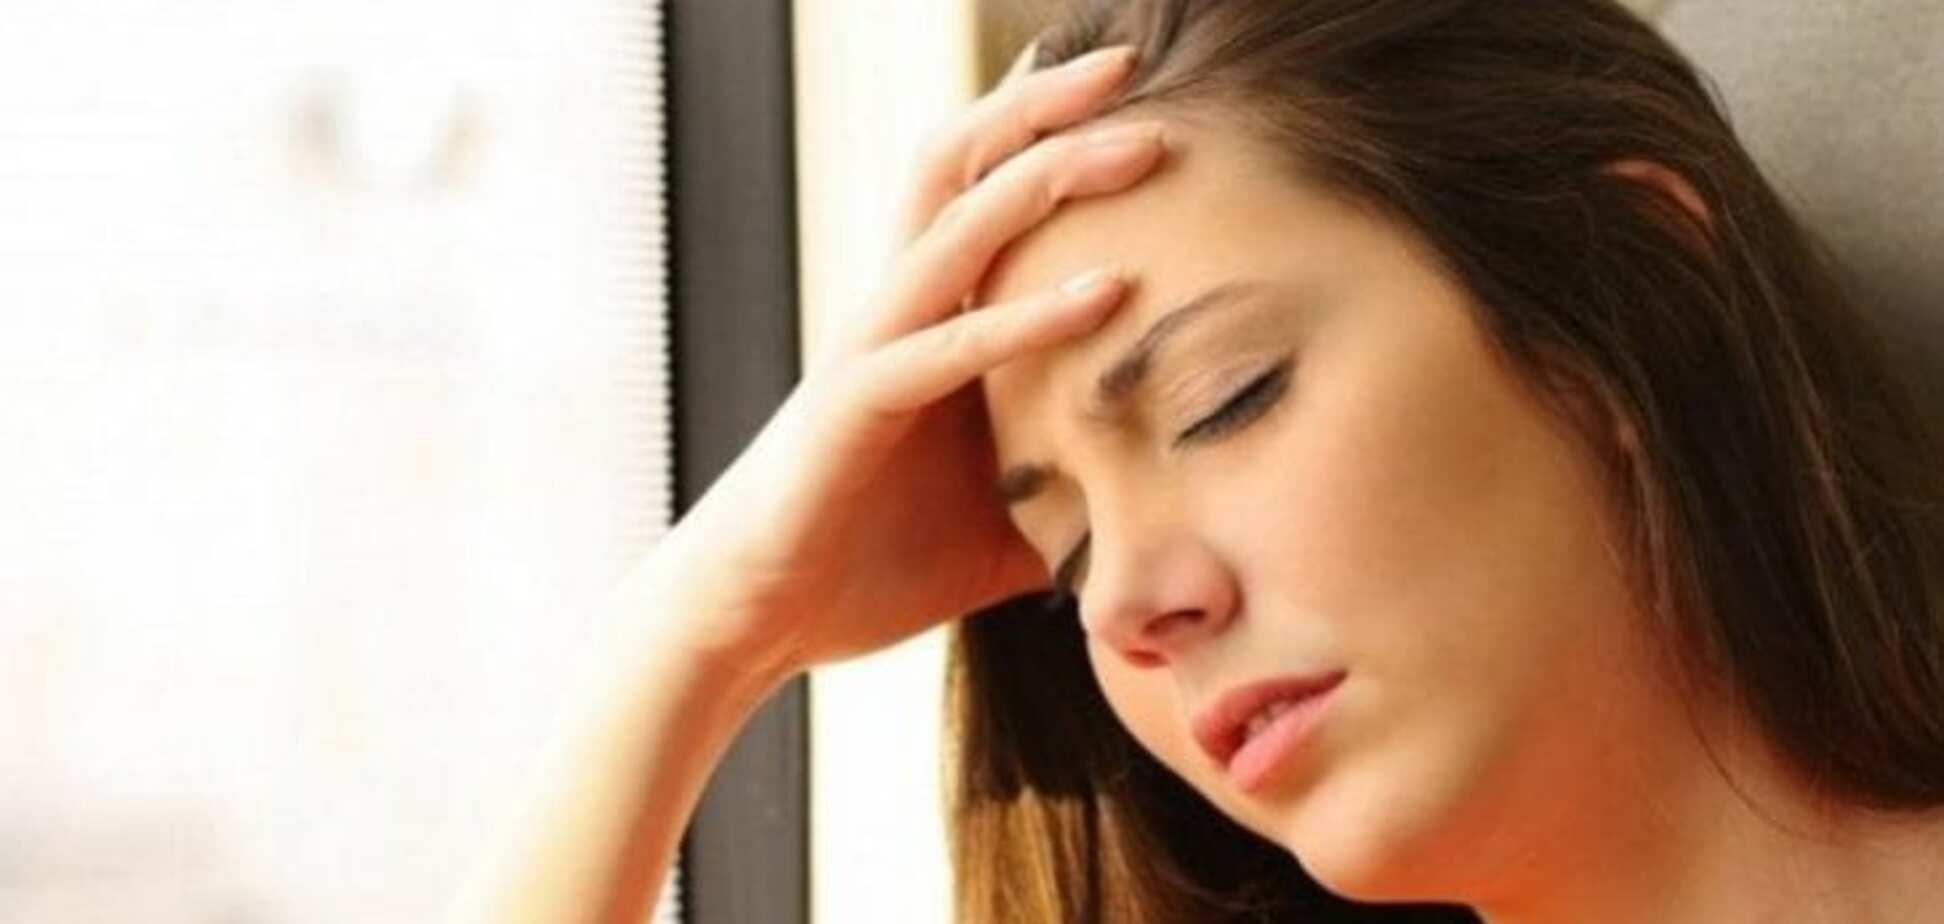 В Днепре потерявшую сознание девушку высадили из маршрутки: в сети скандал